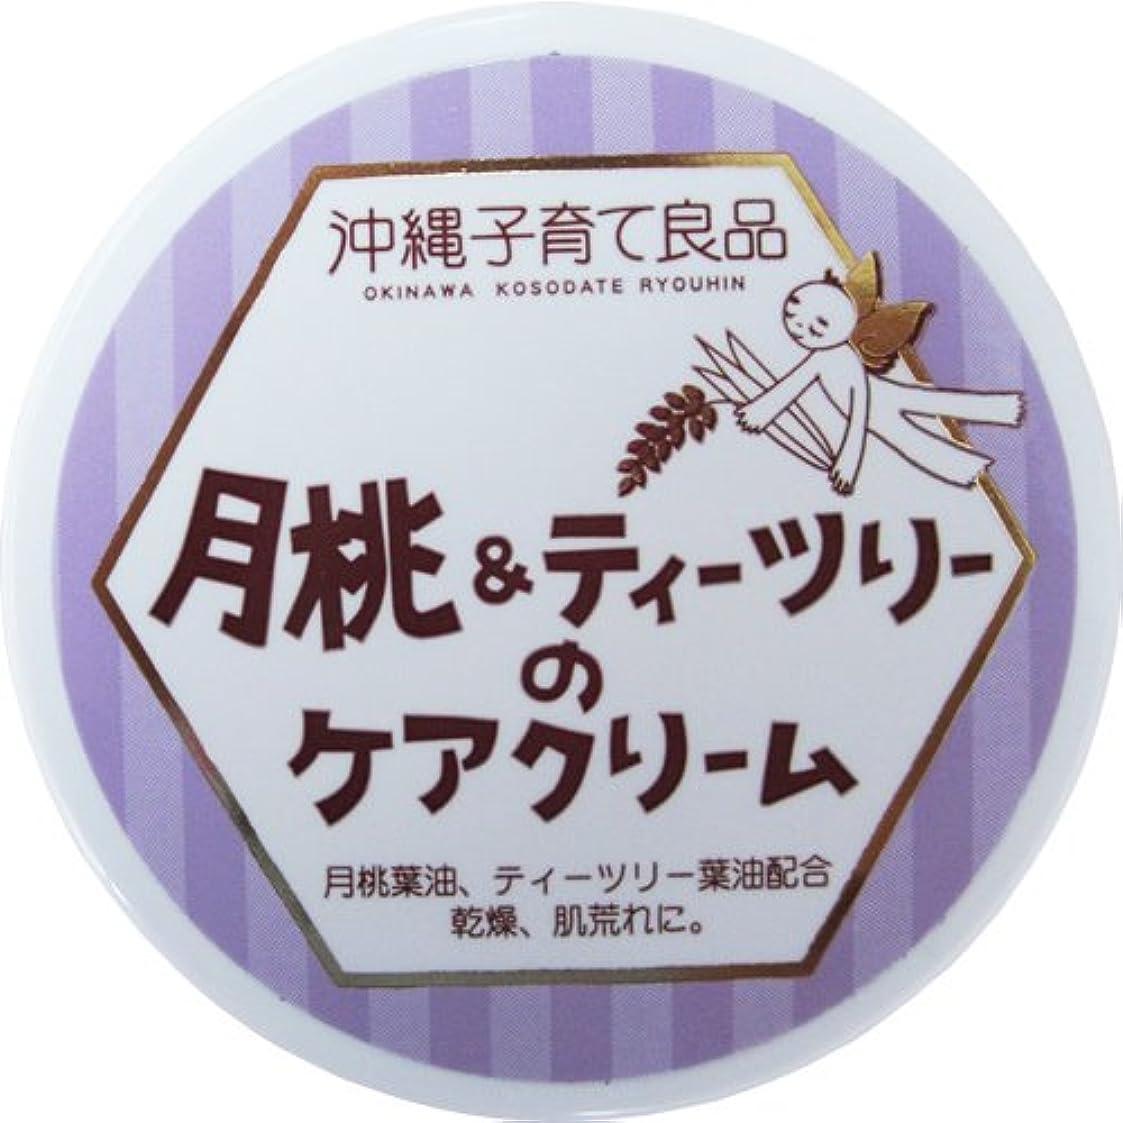 ご近所陪審騒乱沖縄子育て良品 月桃&ティツリーのケアクリーム (25g)